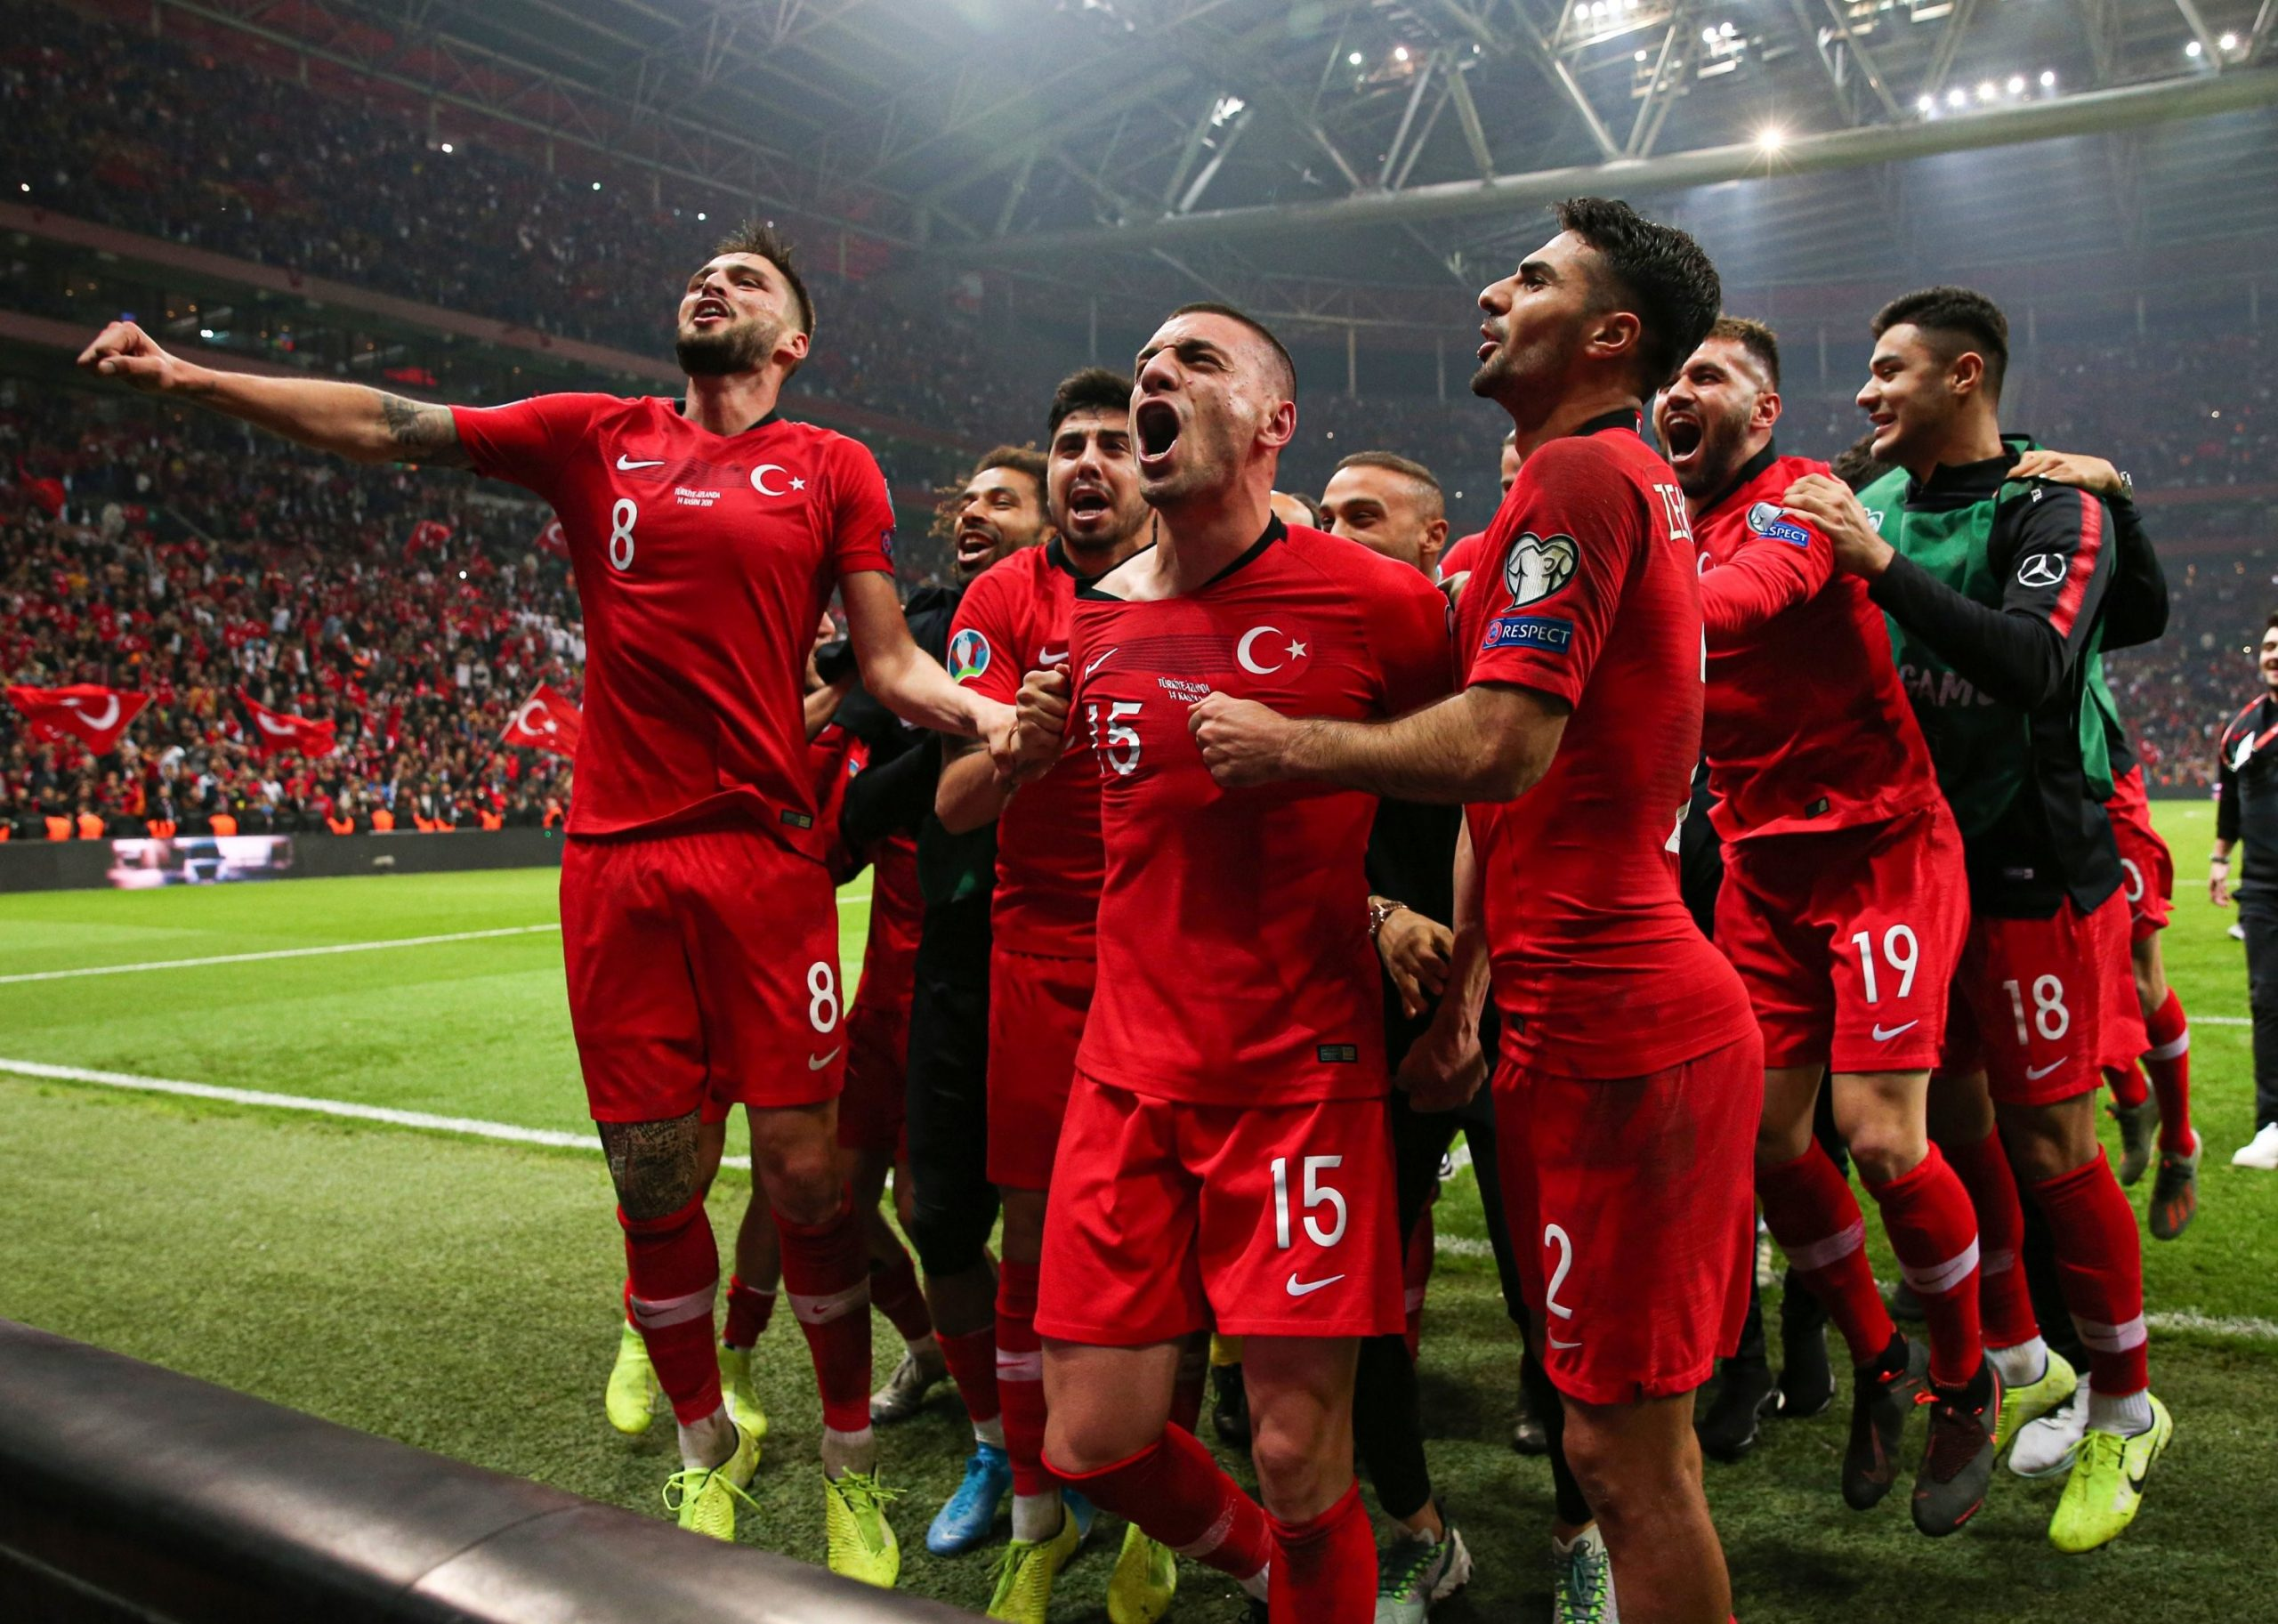 مدرسه فوتبالهای ترکیه اما، راه رسیدن به این آرزو را هموارتر میکنند